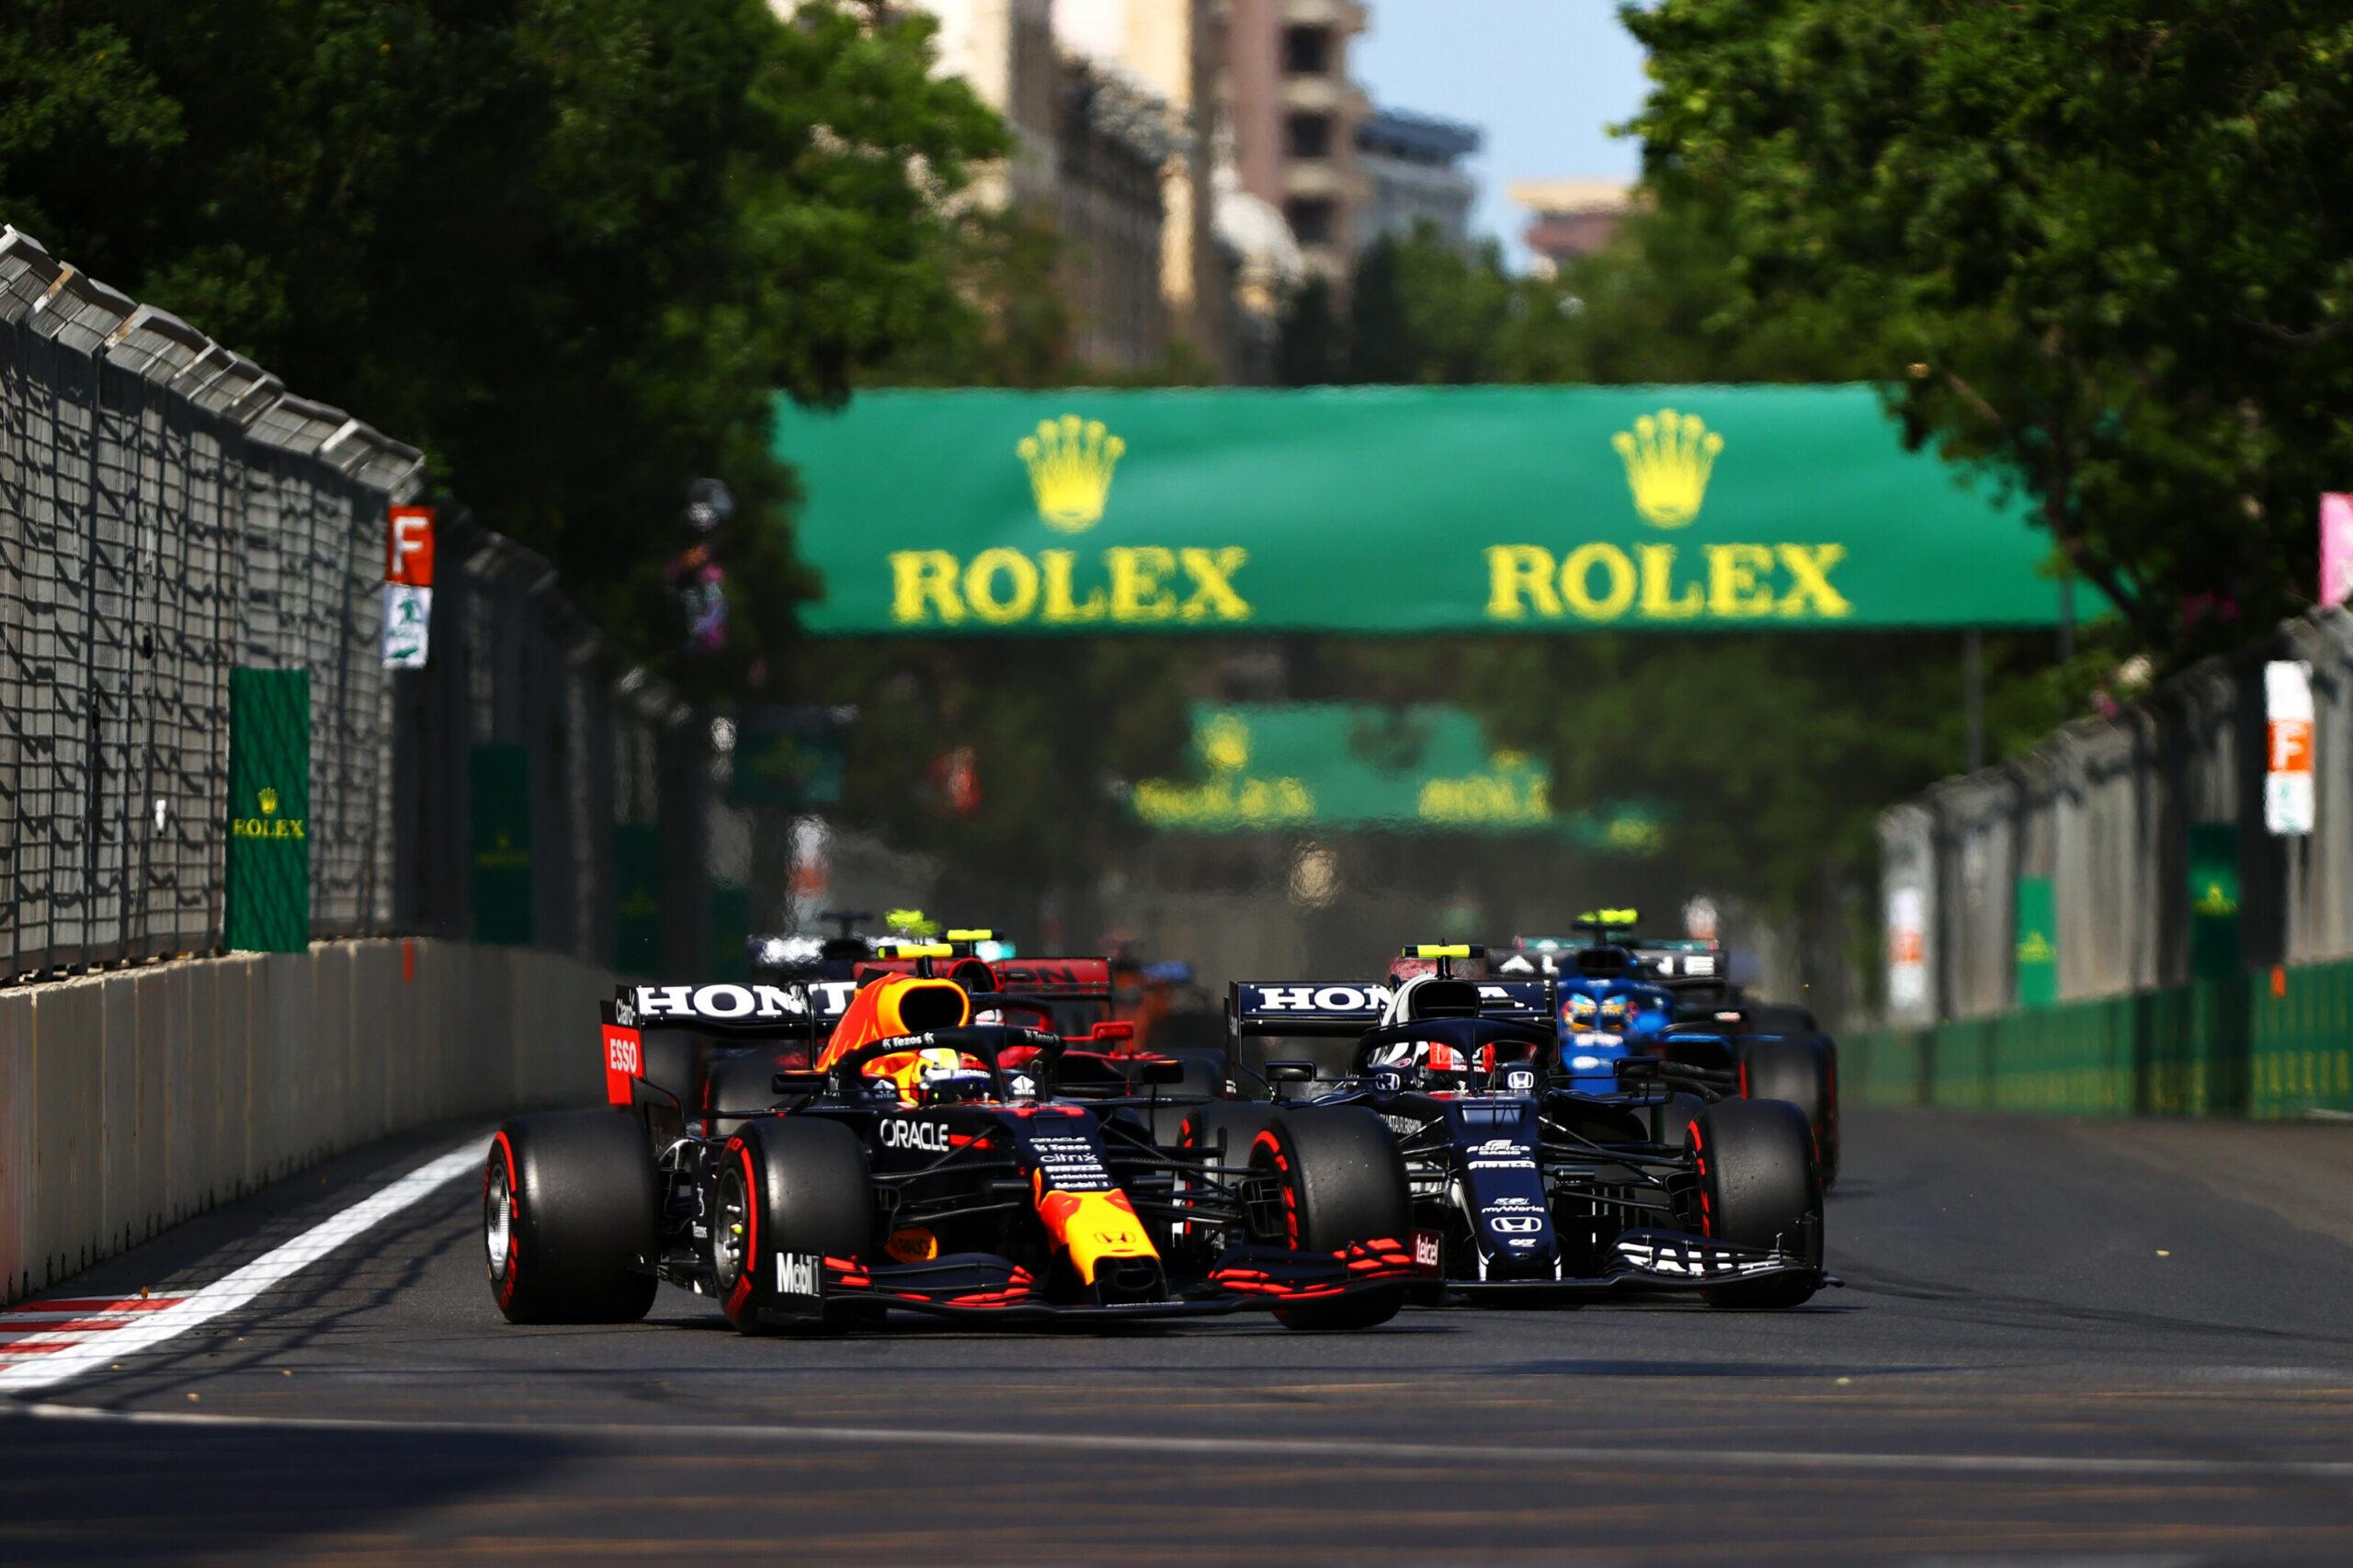 """F1 - Horner impressionné par le rythme de course """"phénoménal"""" de Perez à Bakou"""